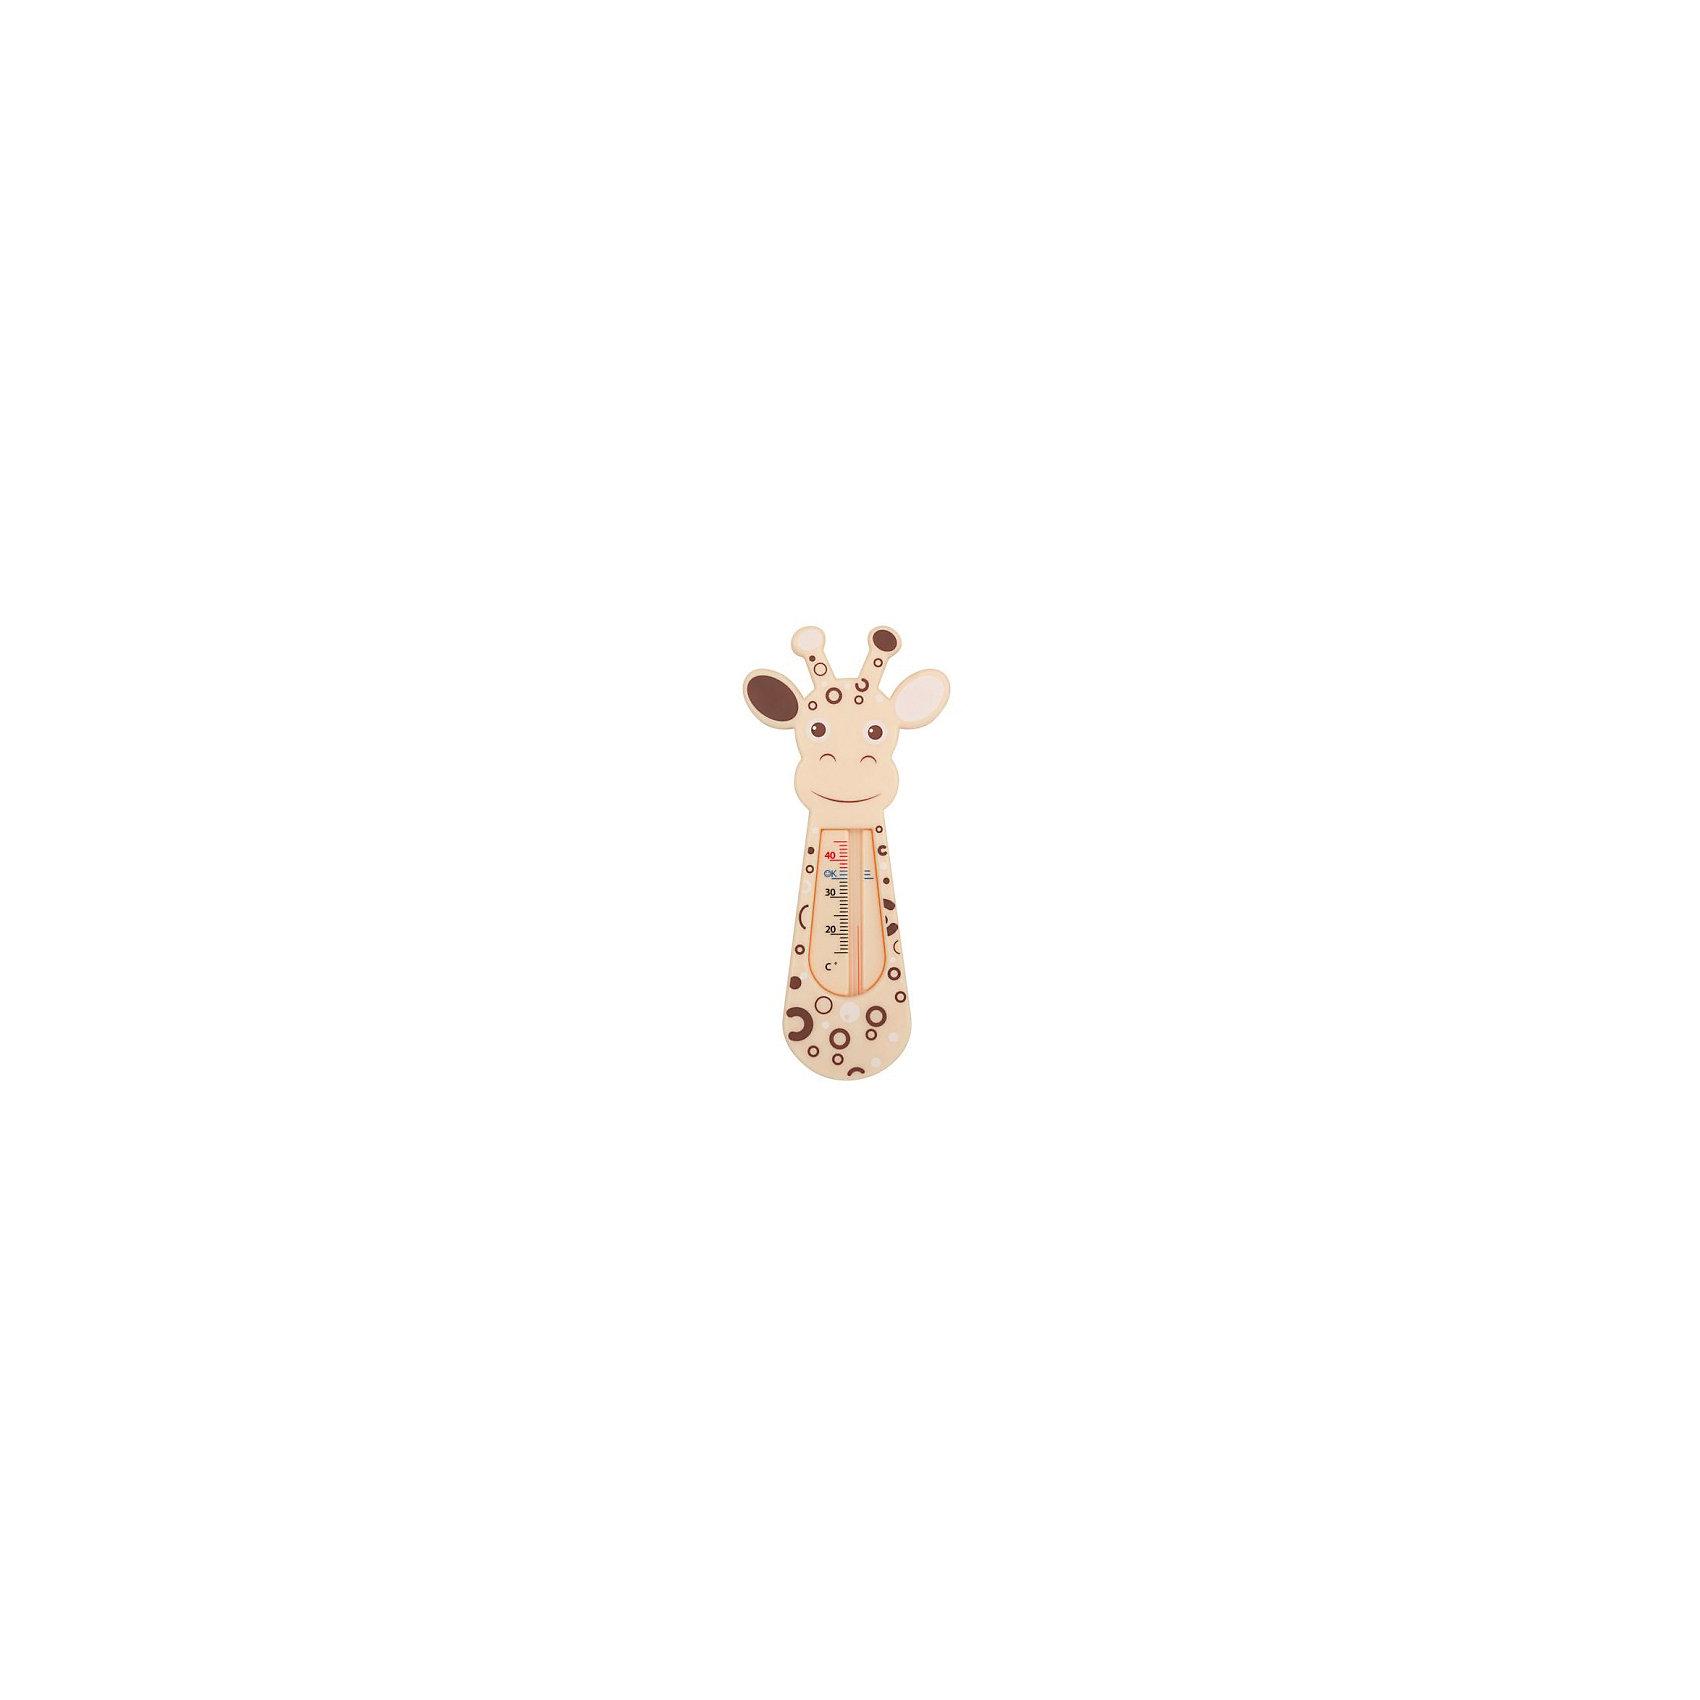 Термометр для воды Giraffe, Roxy-kidsТермометры<br>Яркий, весёлый и безопасный термометр для воды Giraffe позволит родителям быть уверенным в температуре воды в ванне. Термометр выполнен из высококачественных материалов, не содержит ртути, абсолютно безопасен для детей.  <br><br>Дополнительная информация:<br><br>- Материал: полистирол, керосин.<br>- Размер упаковки: 10х22,5х10 см. <br><br>Термометр для воды Giraffe, Roxy-kids, можно купить в нашем магазине.<br><br>Ширина мм: 100<br>Глубина мм: 225<br>Высота мм: 10<br>Вес г: 100<br>Возраст от месяцев: 0<br>Возраст до месяцев: 36<br>Пол: Унисекс<br>Возраст: Детский<br>SKU: 4264179